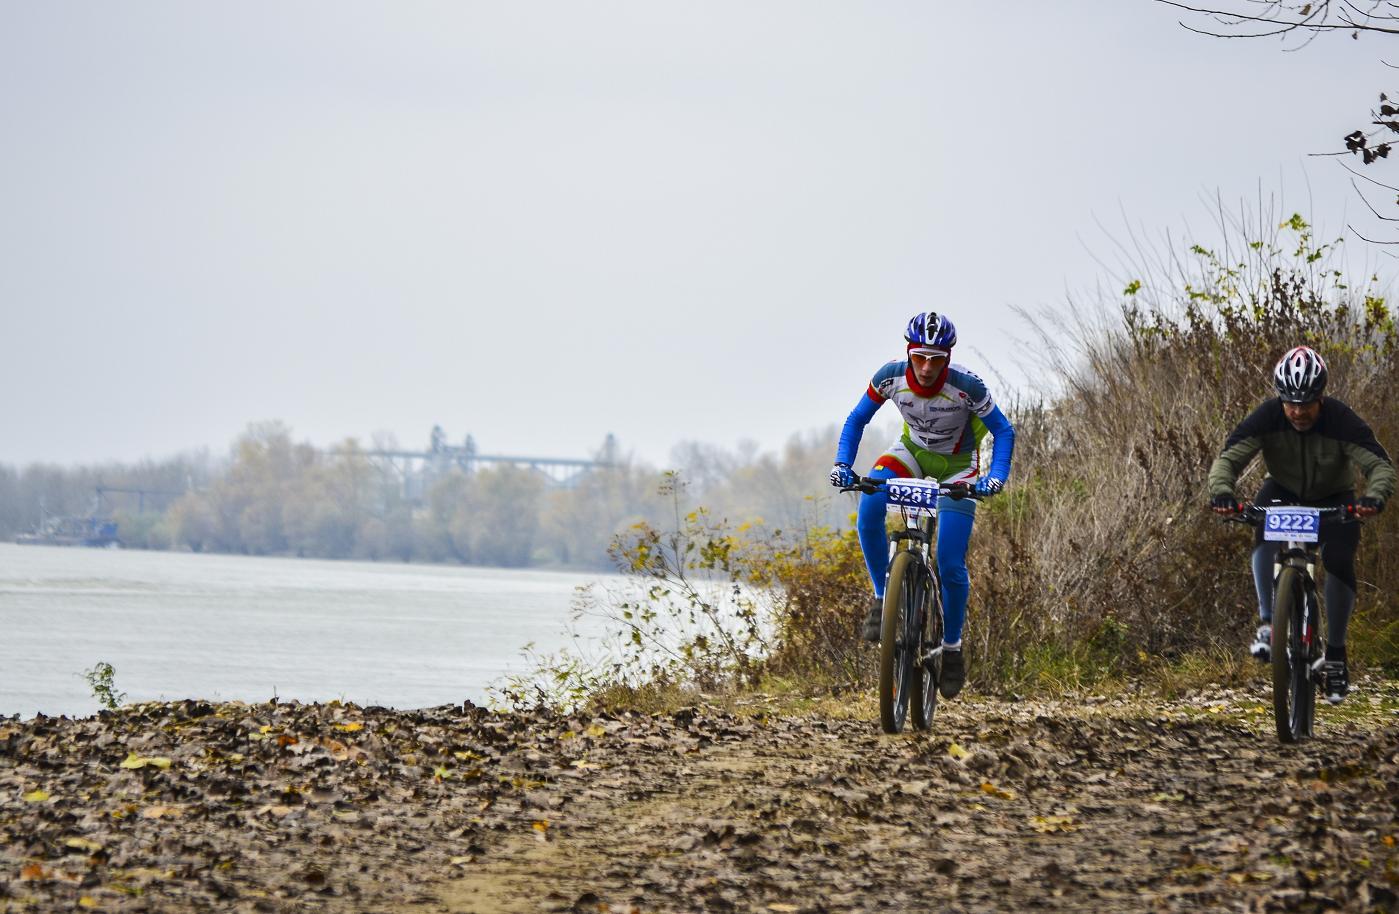 Peste 700 de ciclisti vor lua parte la aventura Maratonul Dunarii